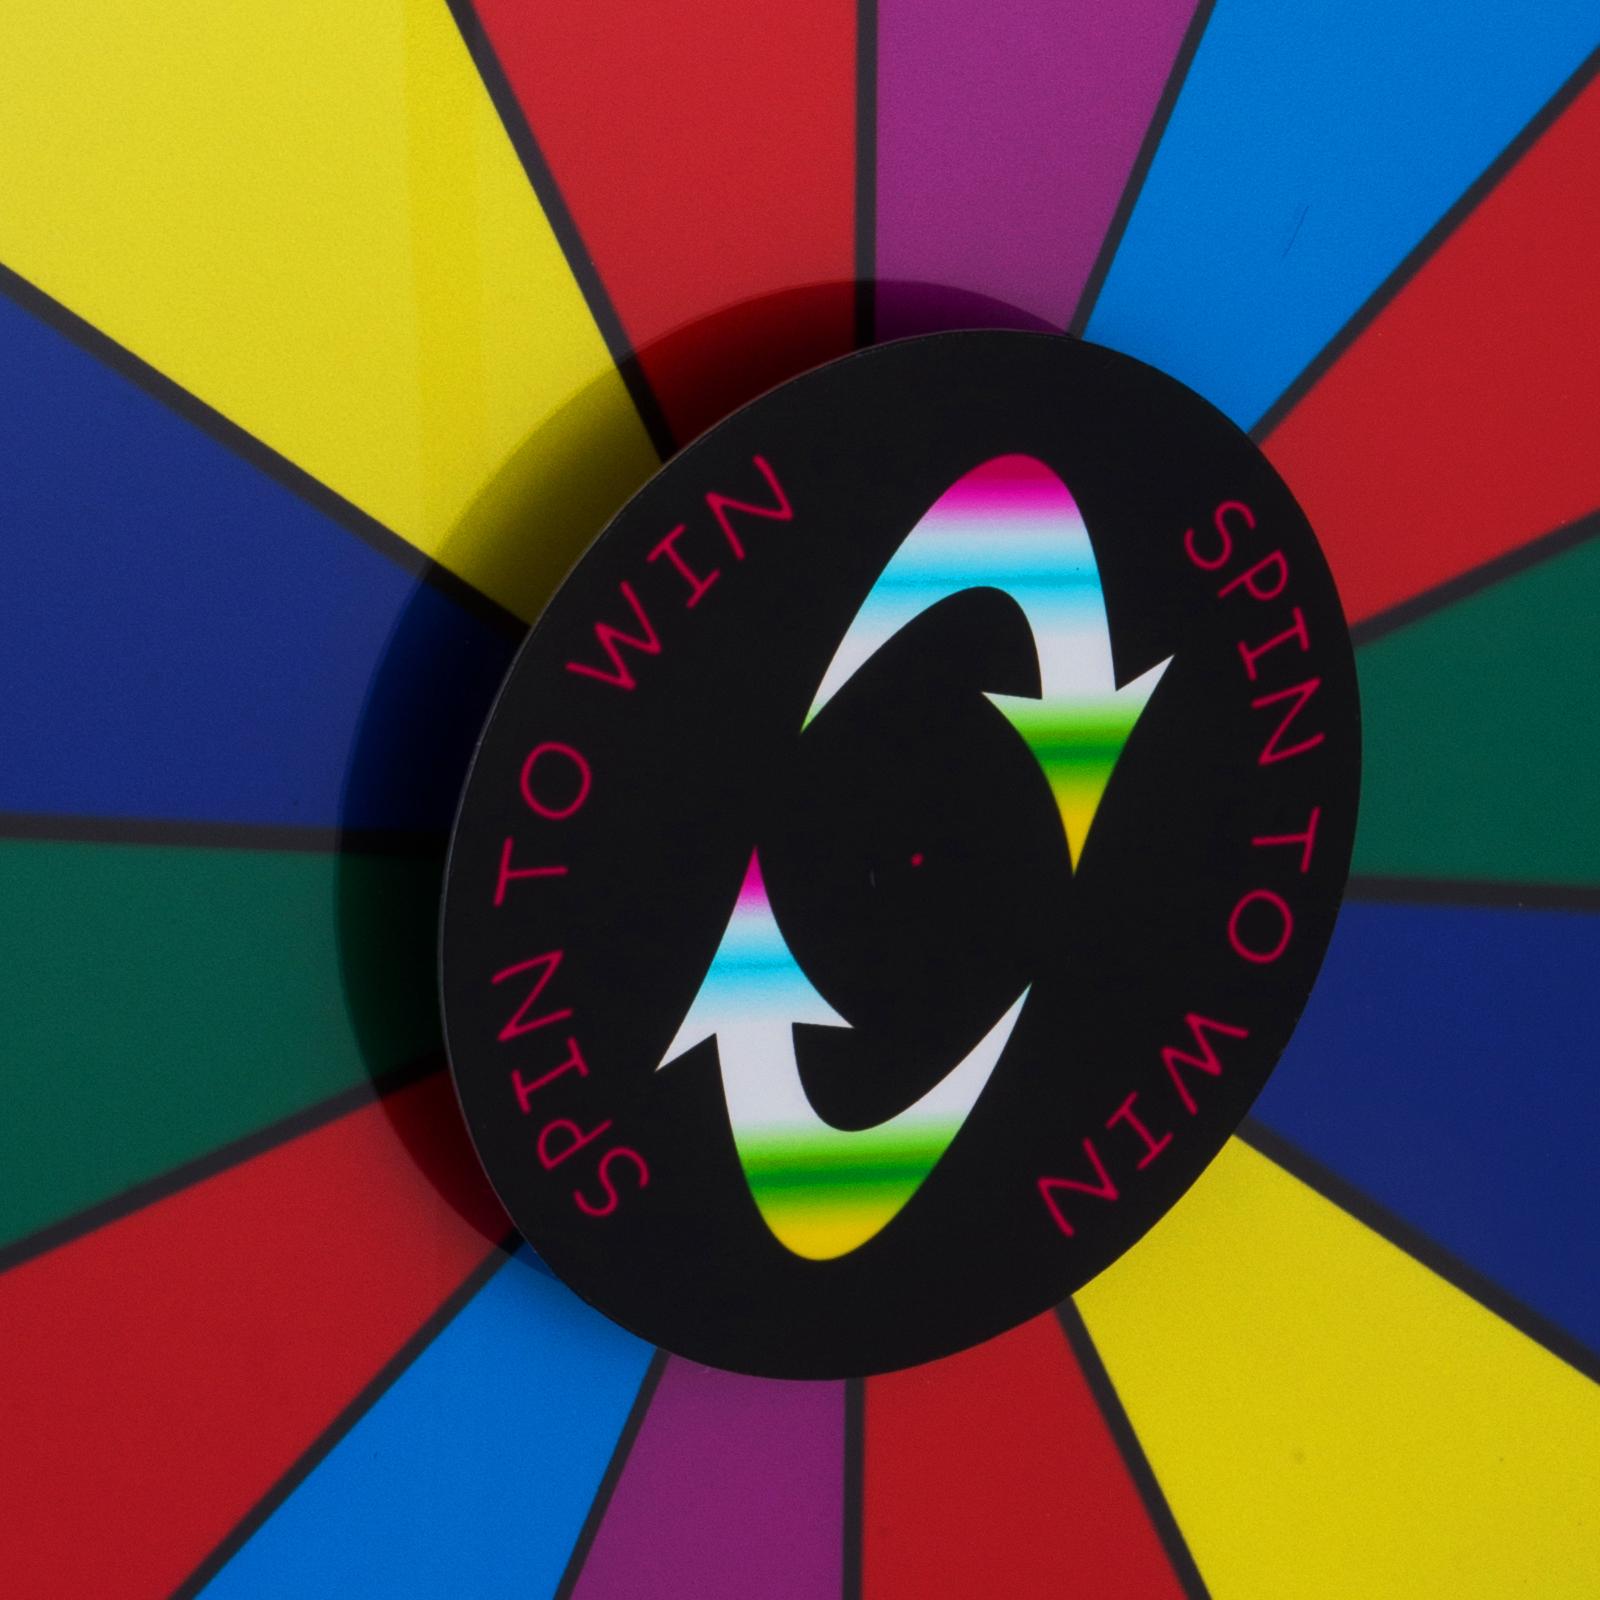 24//18//15 Glücksrad Spielzeug Farbe Rad Spiele für Lotteriespiele Wortspiele